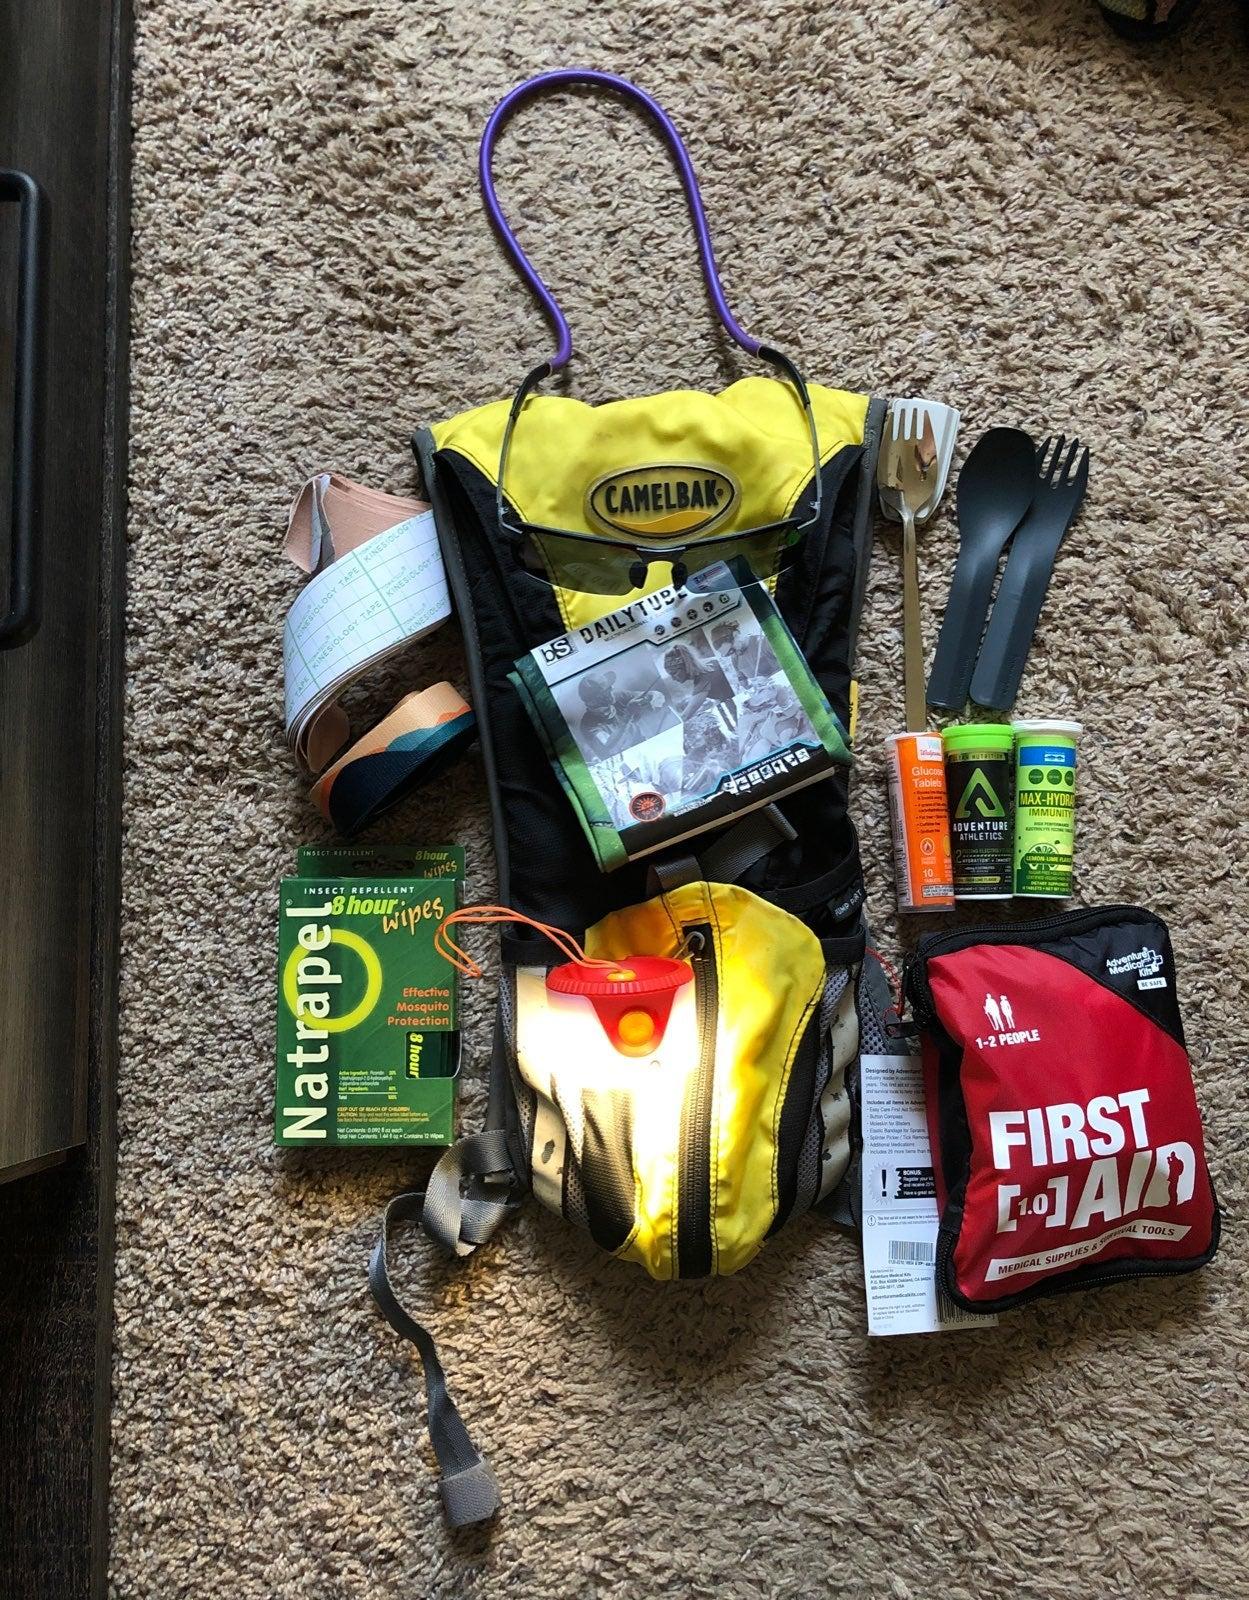 Camping/hiking bundle